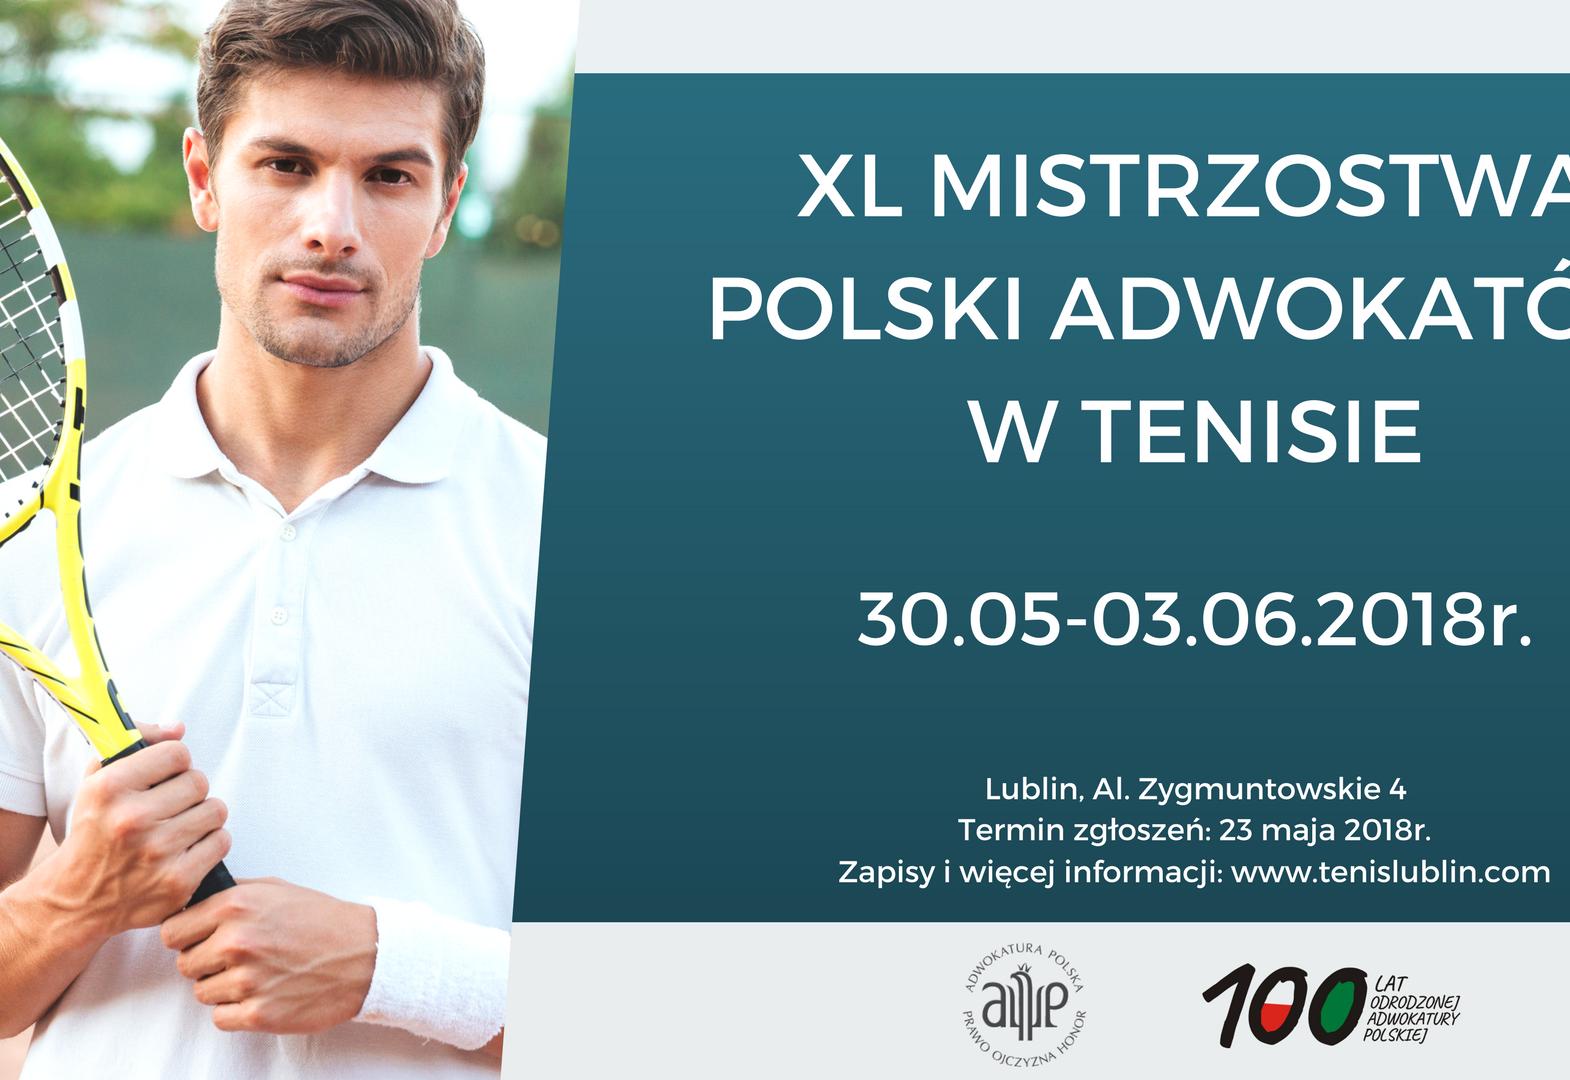 4507b39a1432553457 Fb Xl Png: XL Mistrzostwa Polski Adwokatów W Tenisie Ziemnym Lublin